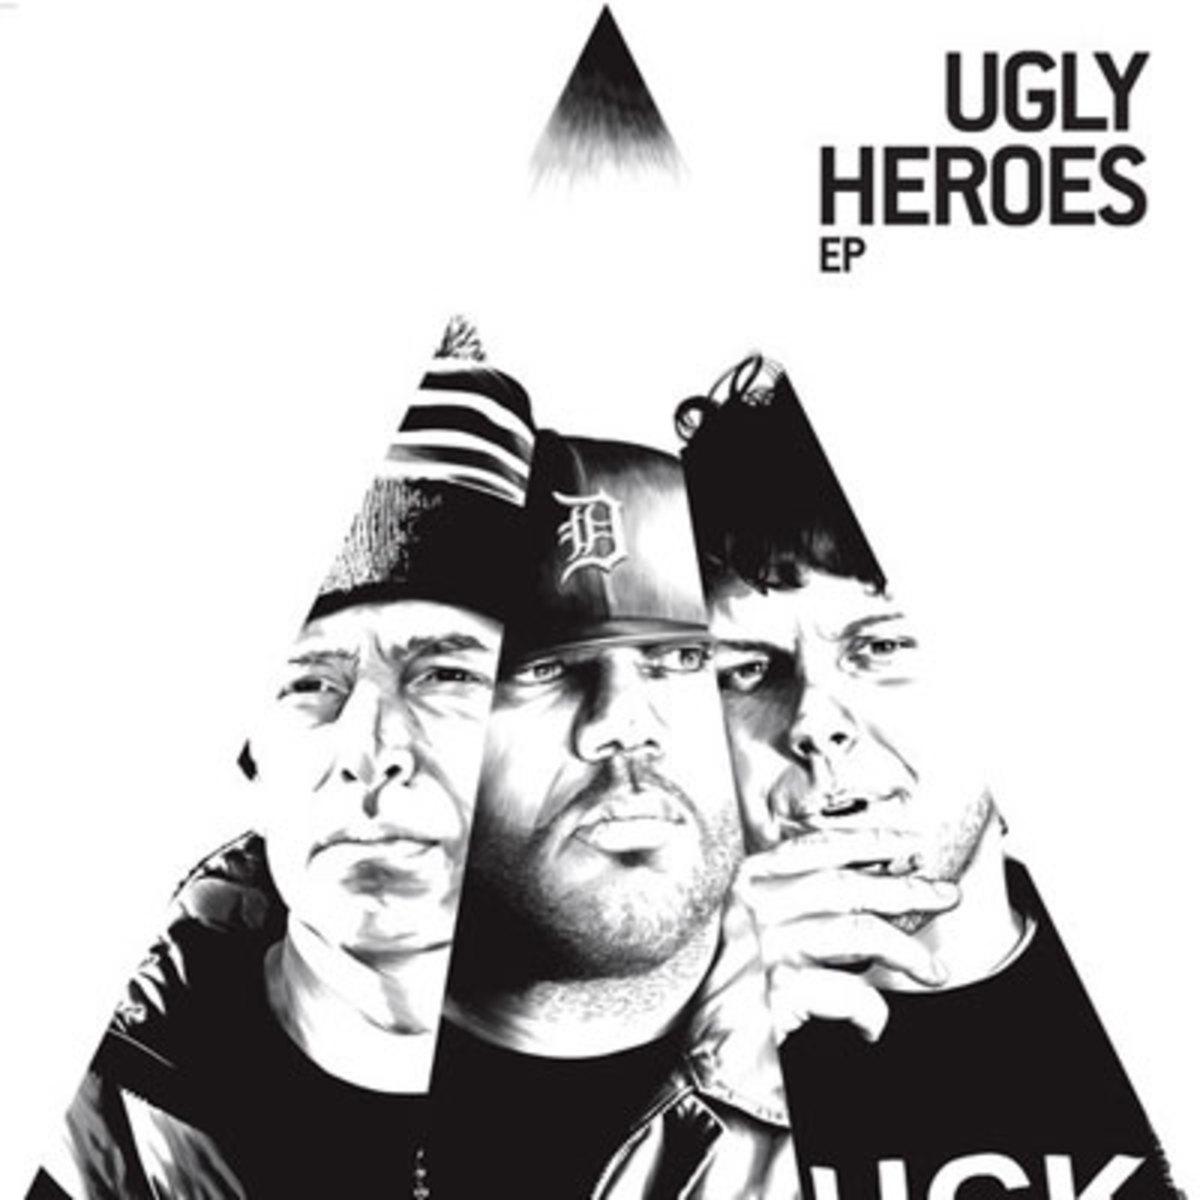 uglyheroes-ugherep.jpg